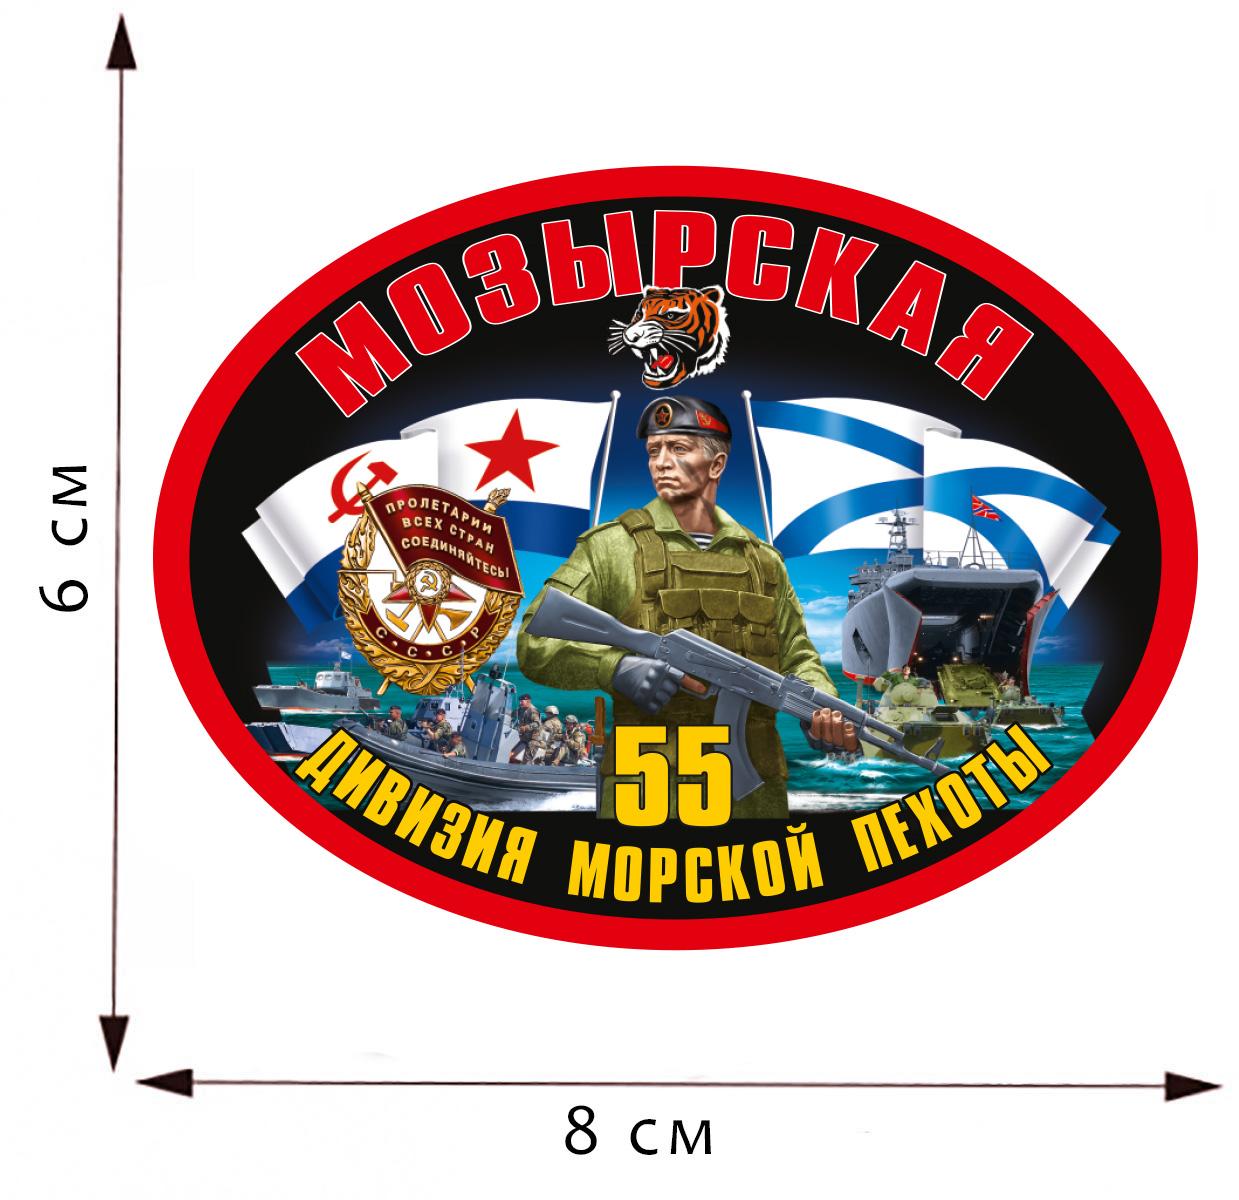 Кпить топовую картинку для сублимации 55 Дивизия Морской Пехоты онлайн